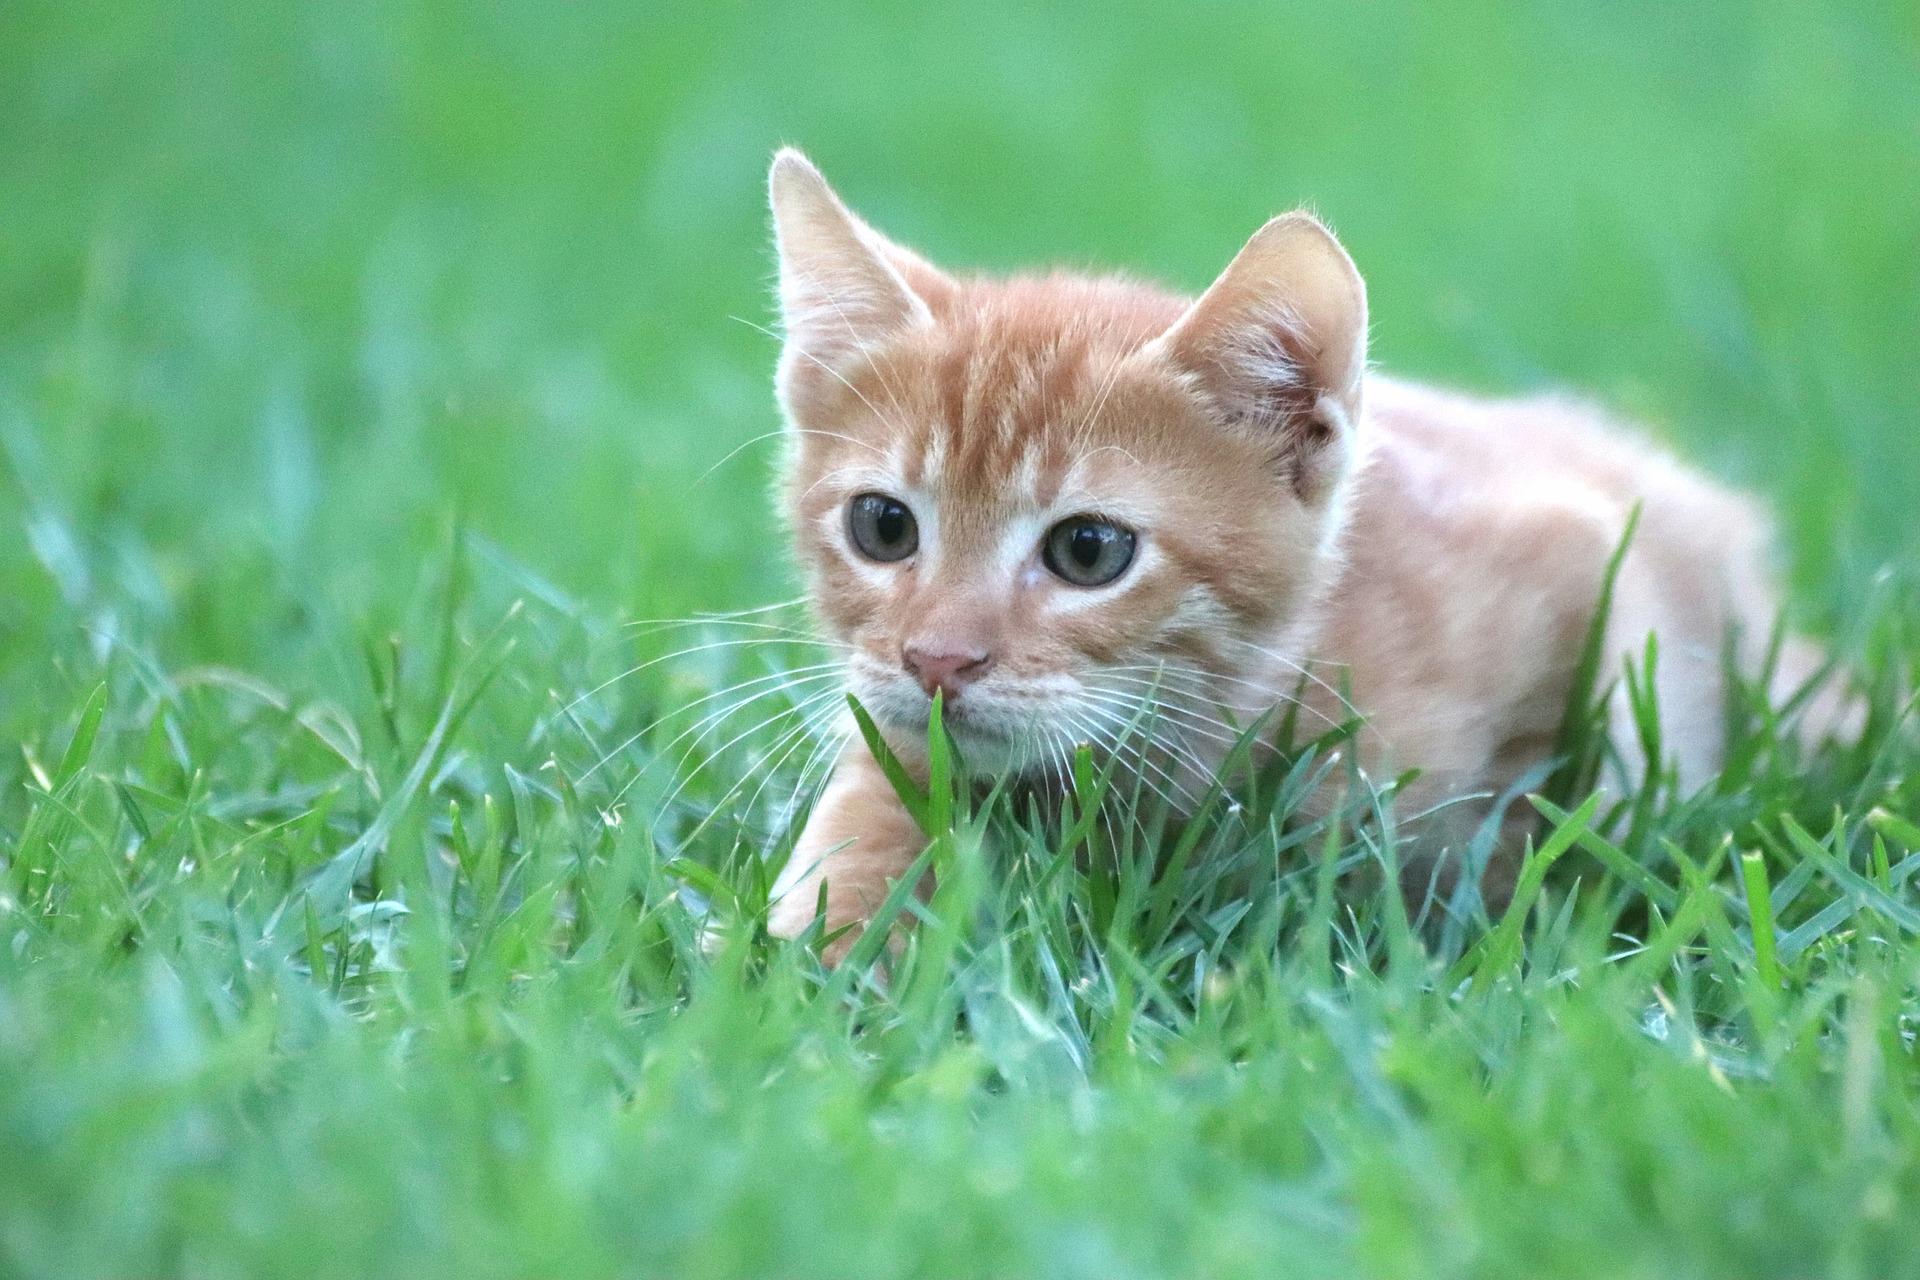 i migliori giochi per gatti erba gatta